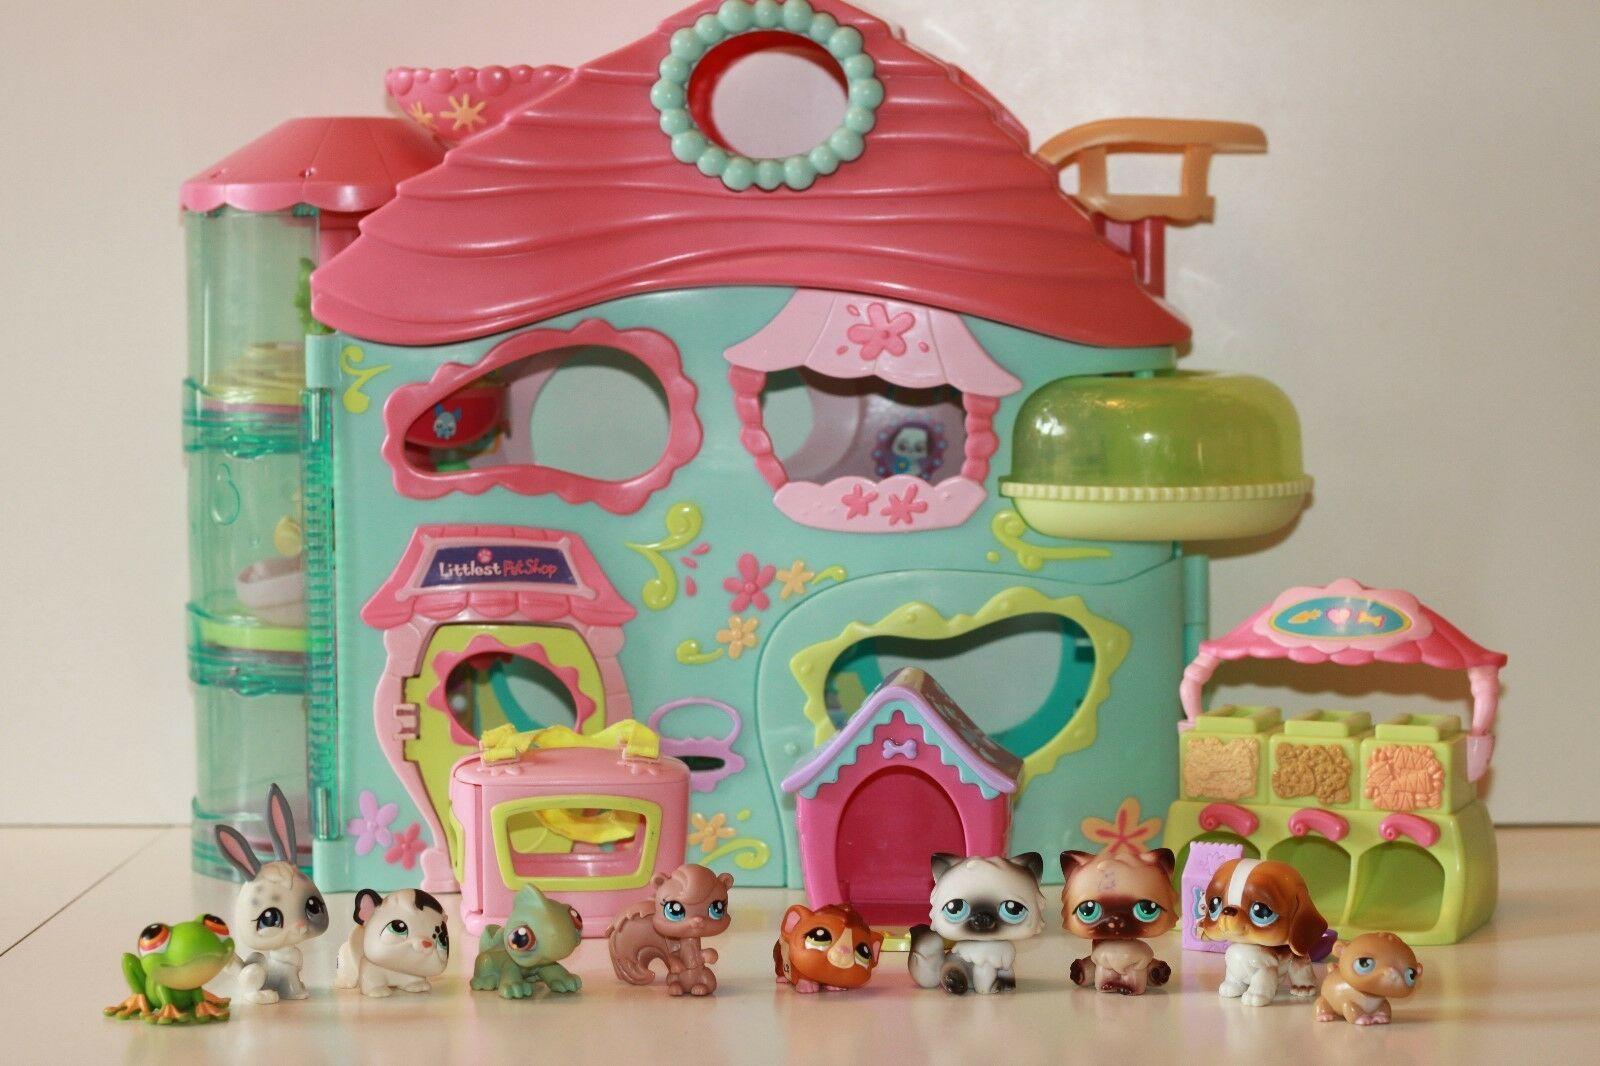 Biggest Littlest Pet Shop Lps House Play Set 10 Figures Hasbro Bundle 4 Ebay Little Pet Shop Toys Lps Toys Lps Littlest Pet Shop